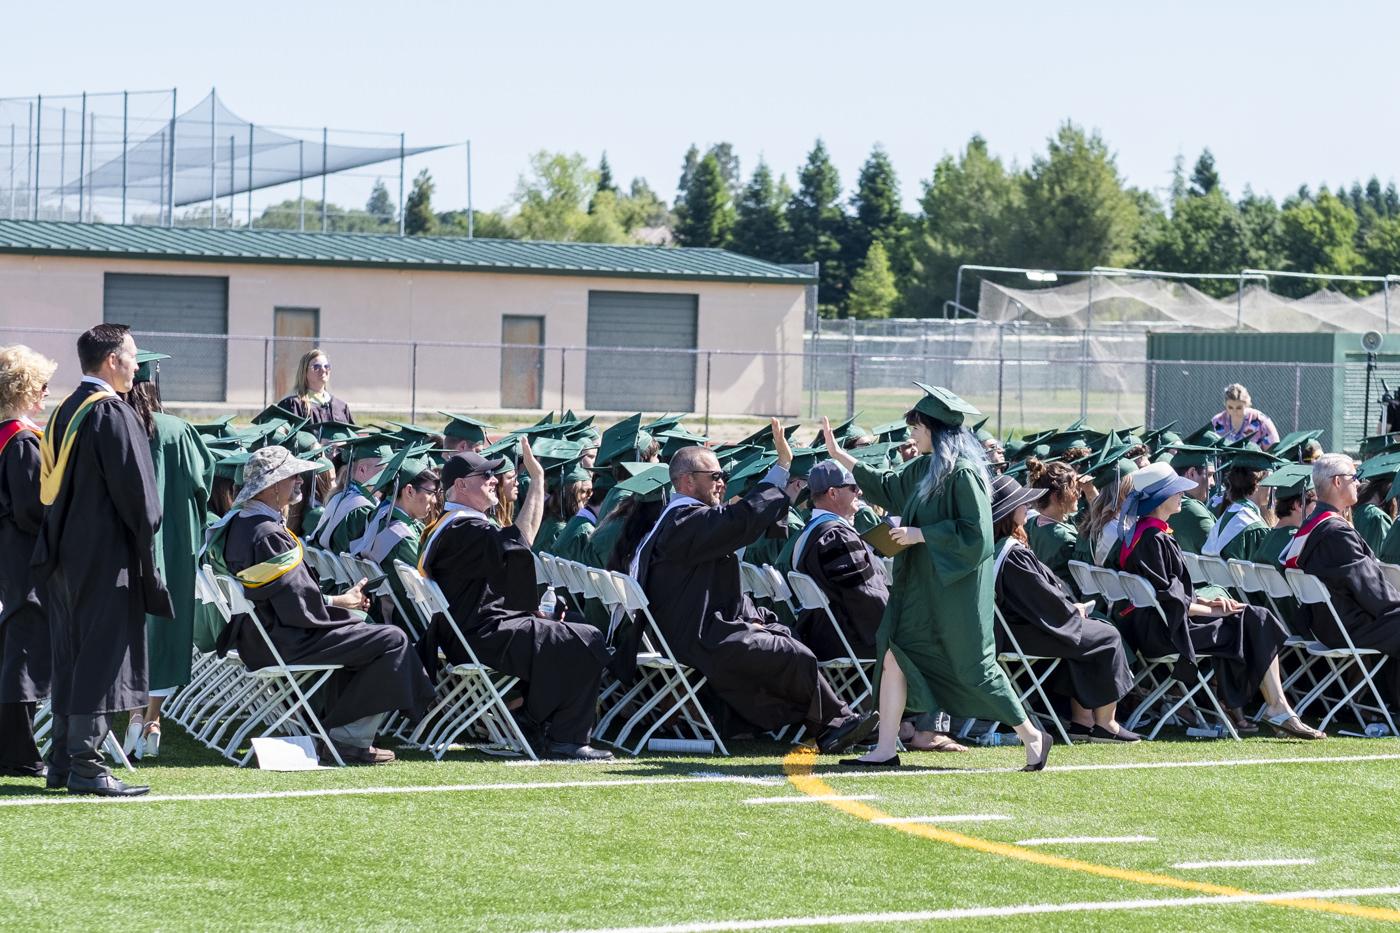 graduation-david-mullin-11.jpg